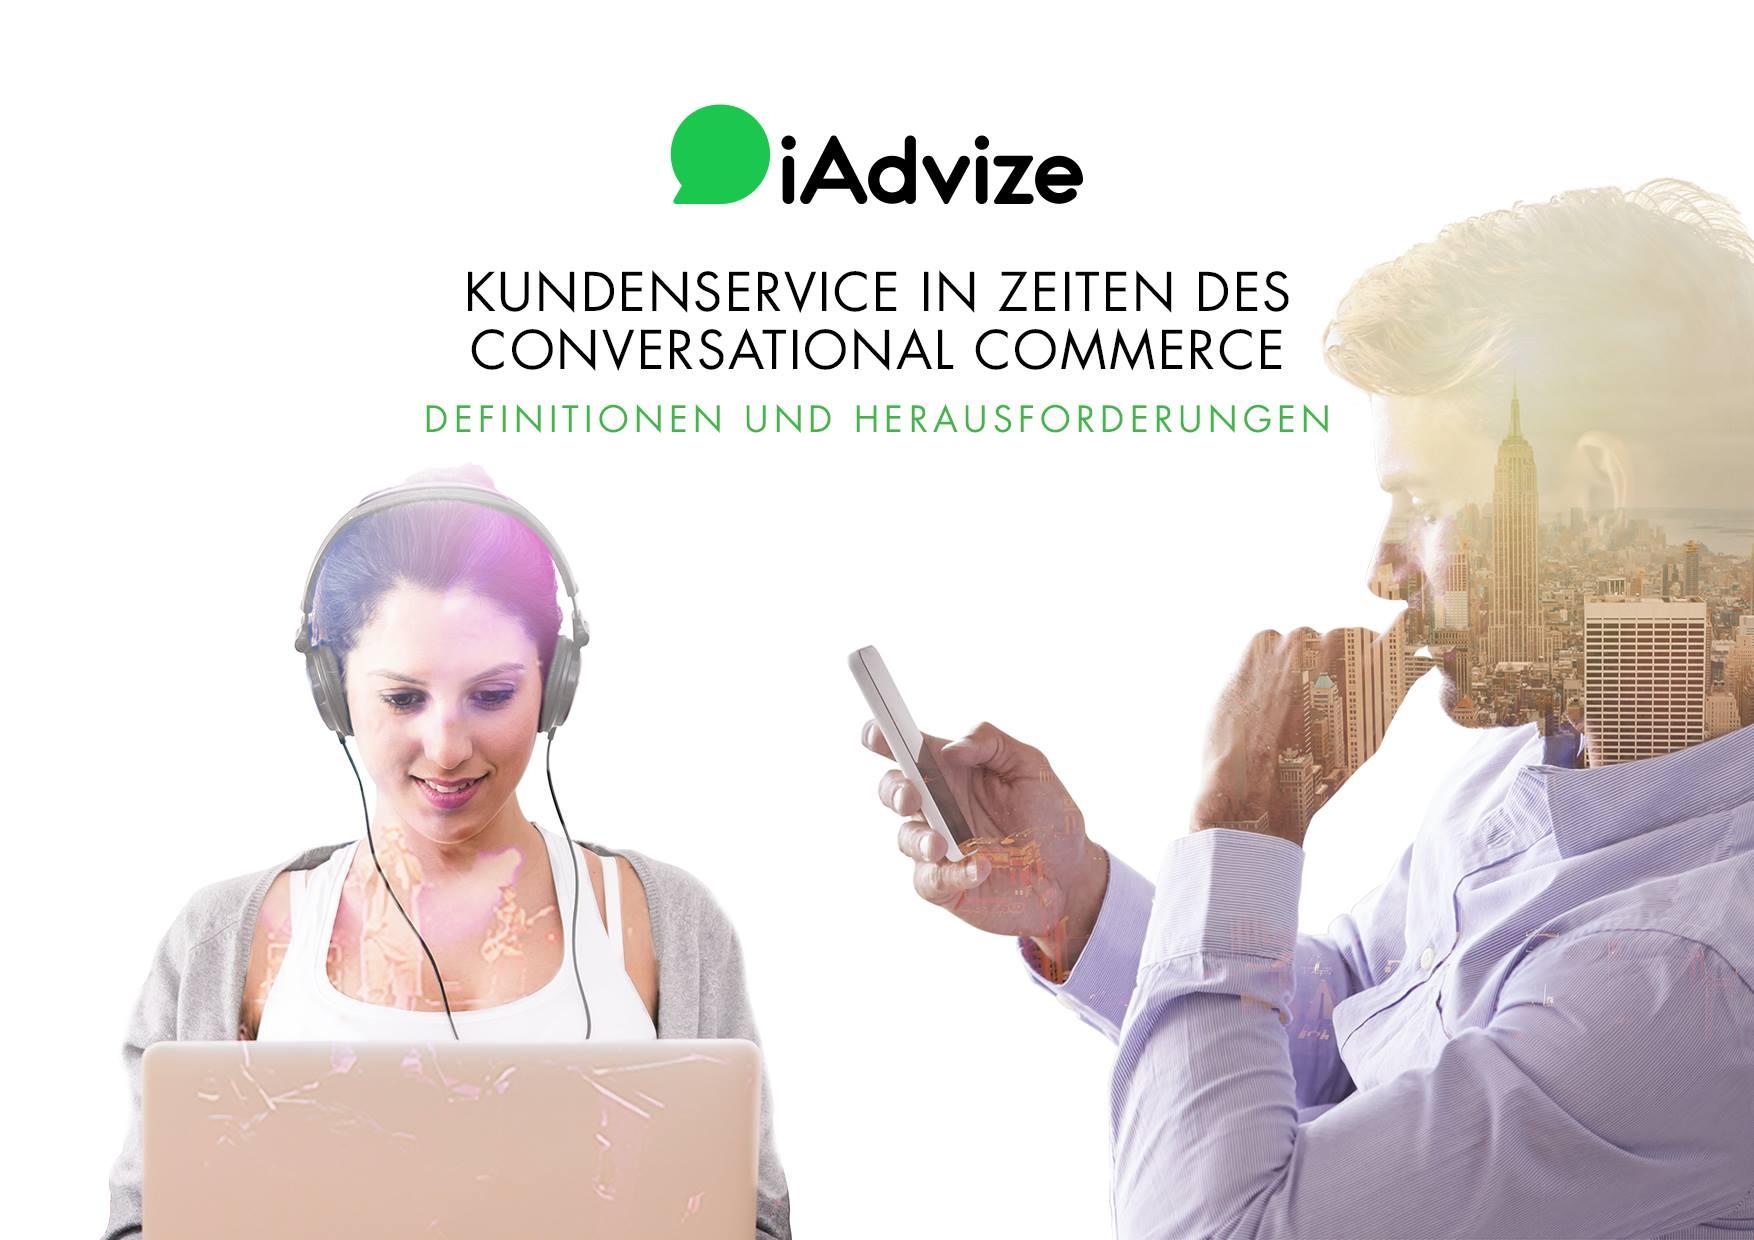 [Whitepaper] Kundenservice im Zeitalter des Conversational Commerce